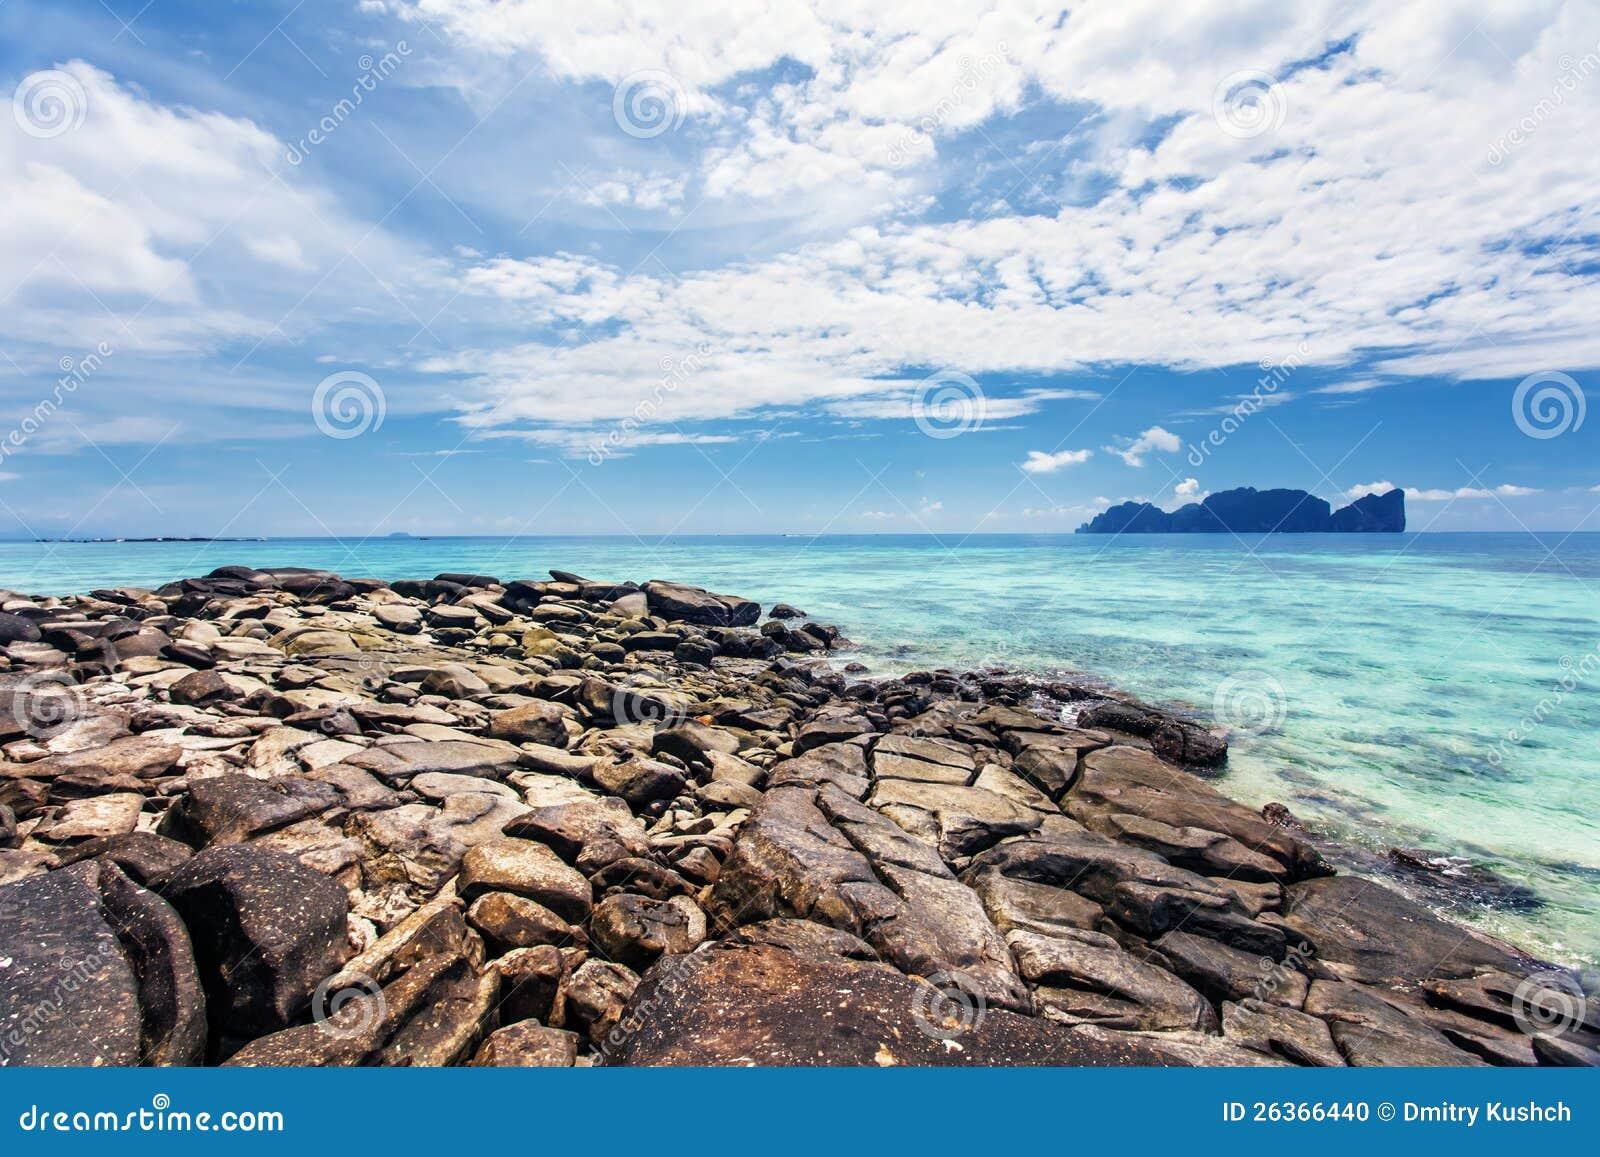 Exotischer tropischer Strand.